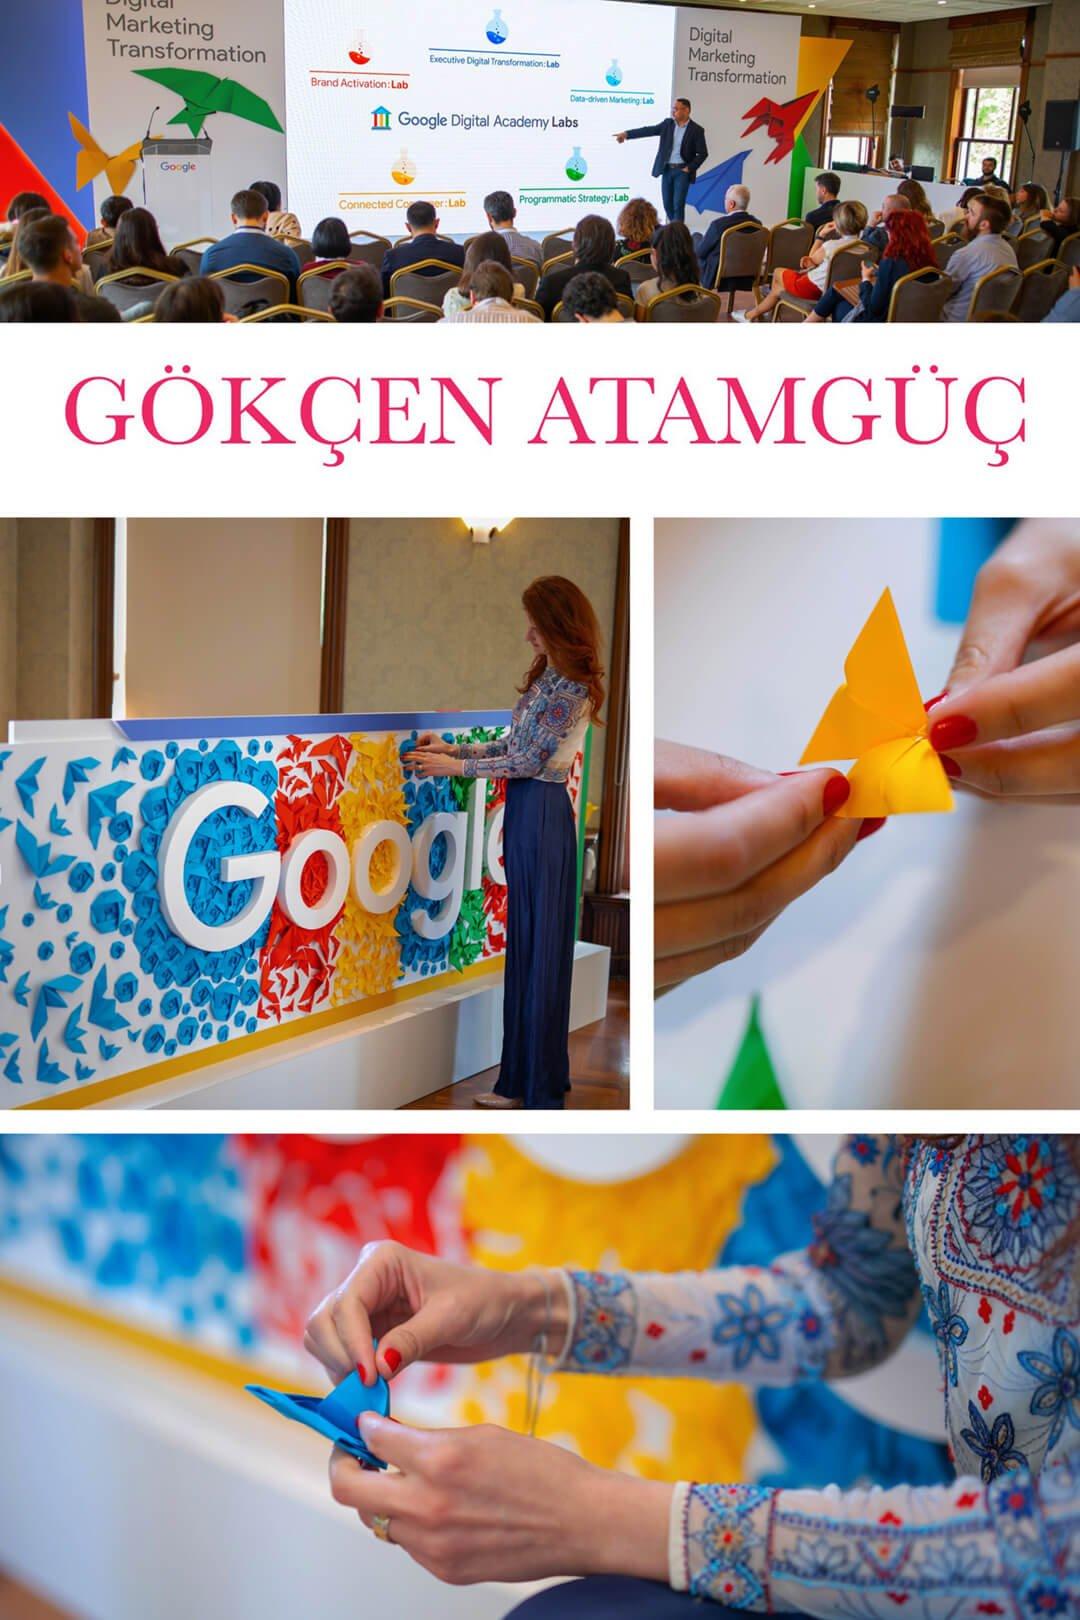 Google Event Lansman - Gökçen Atamgüç - Origami